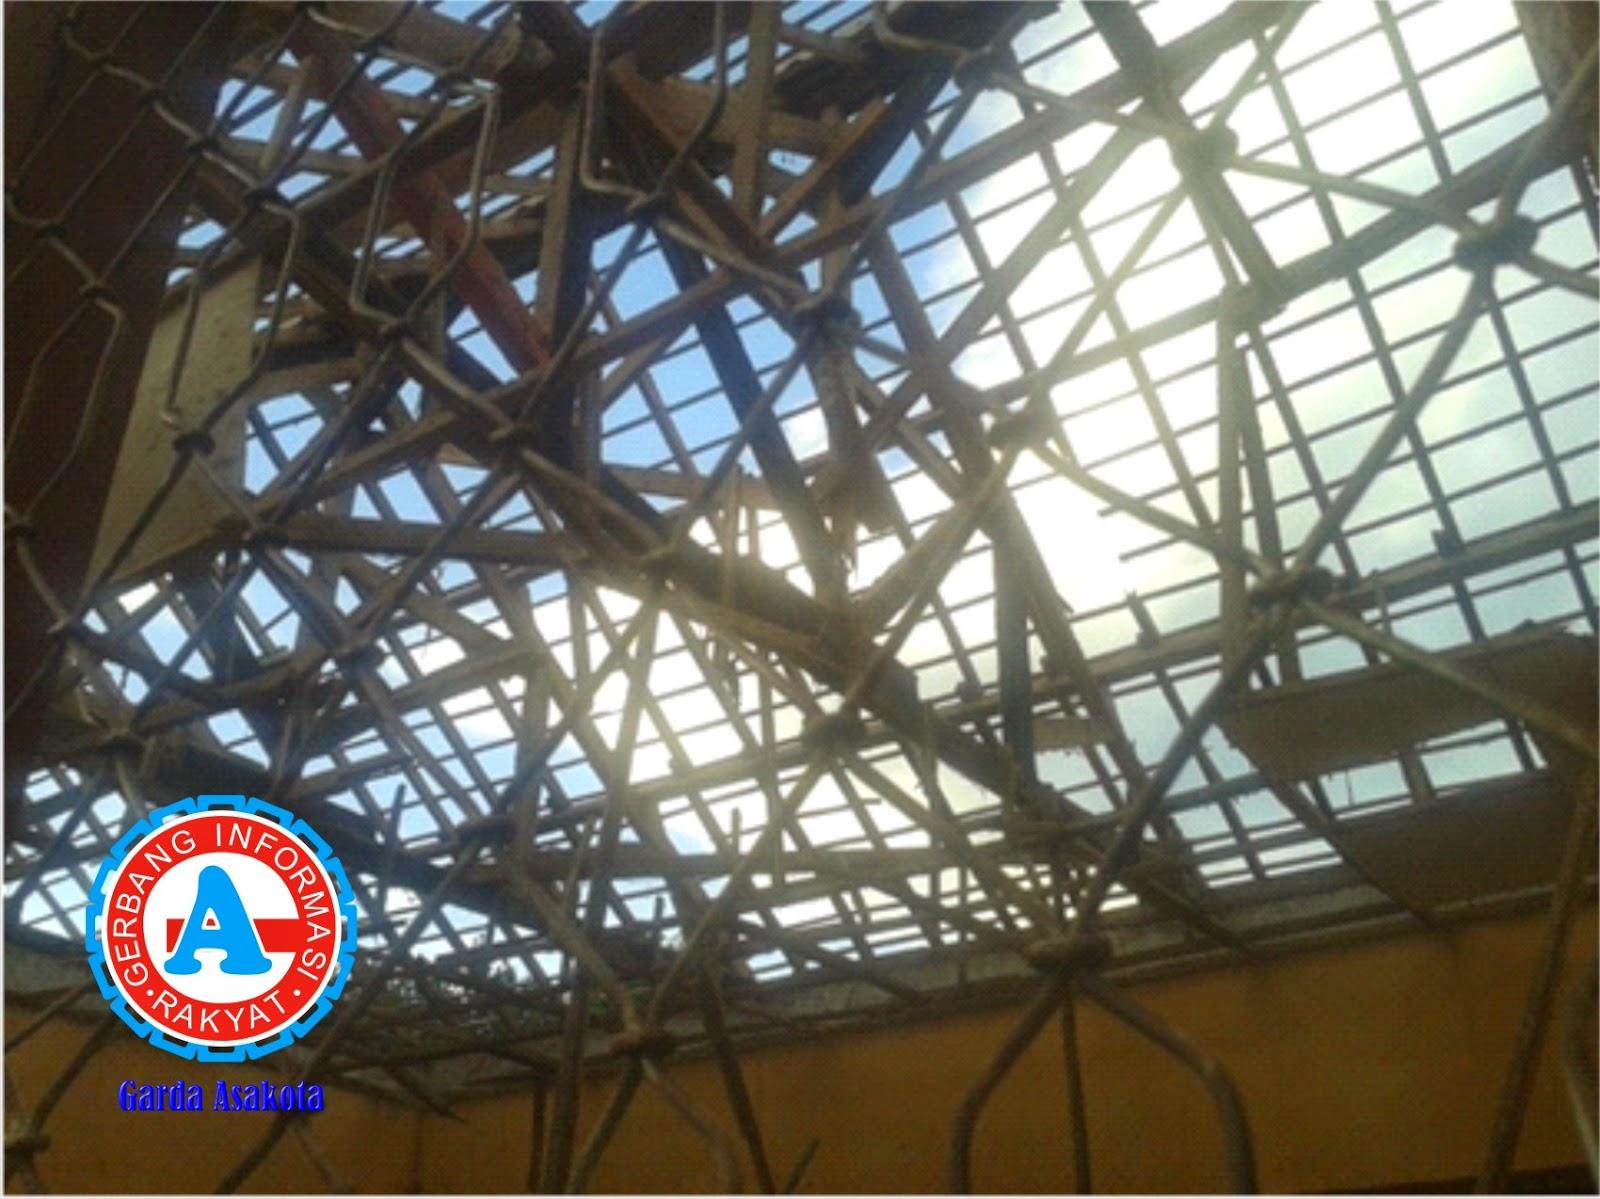 Atap Gedung SDN-5 dan  SDN Jo Rato Sape Rusak